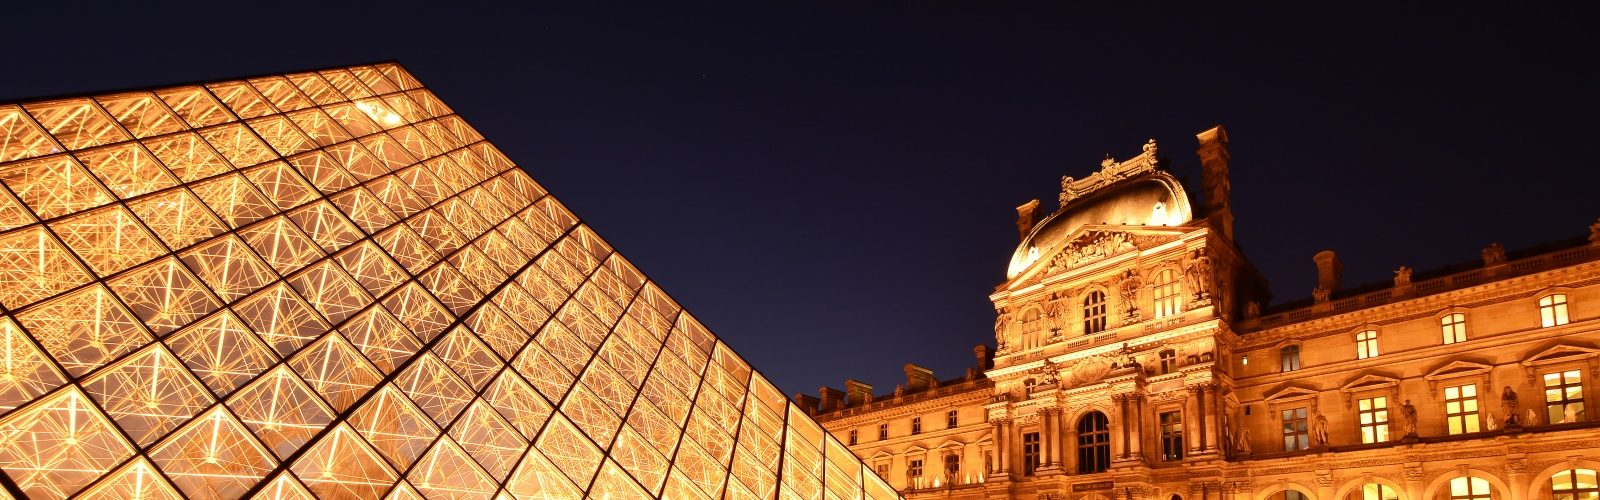 파리 루브르&오르세 미술관 집중 투어 image